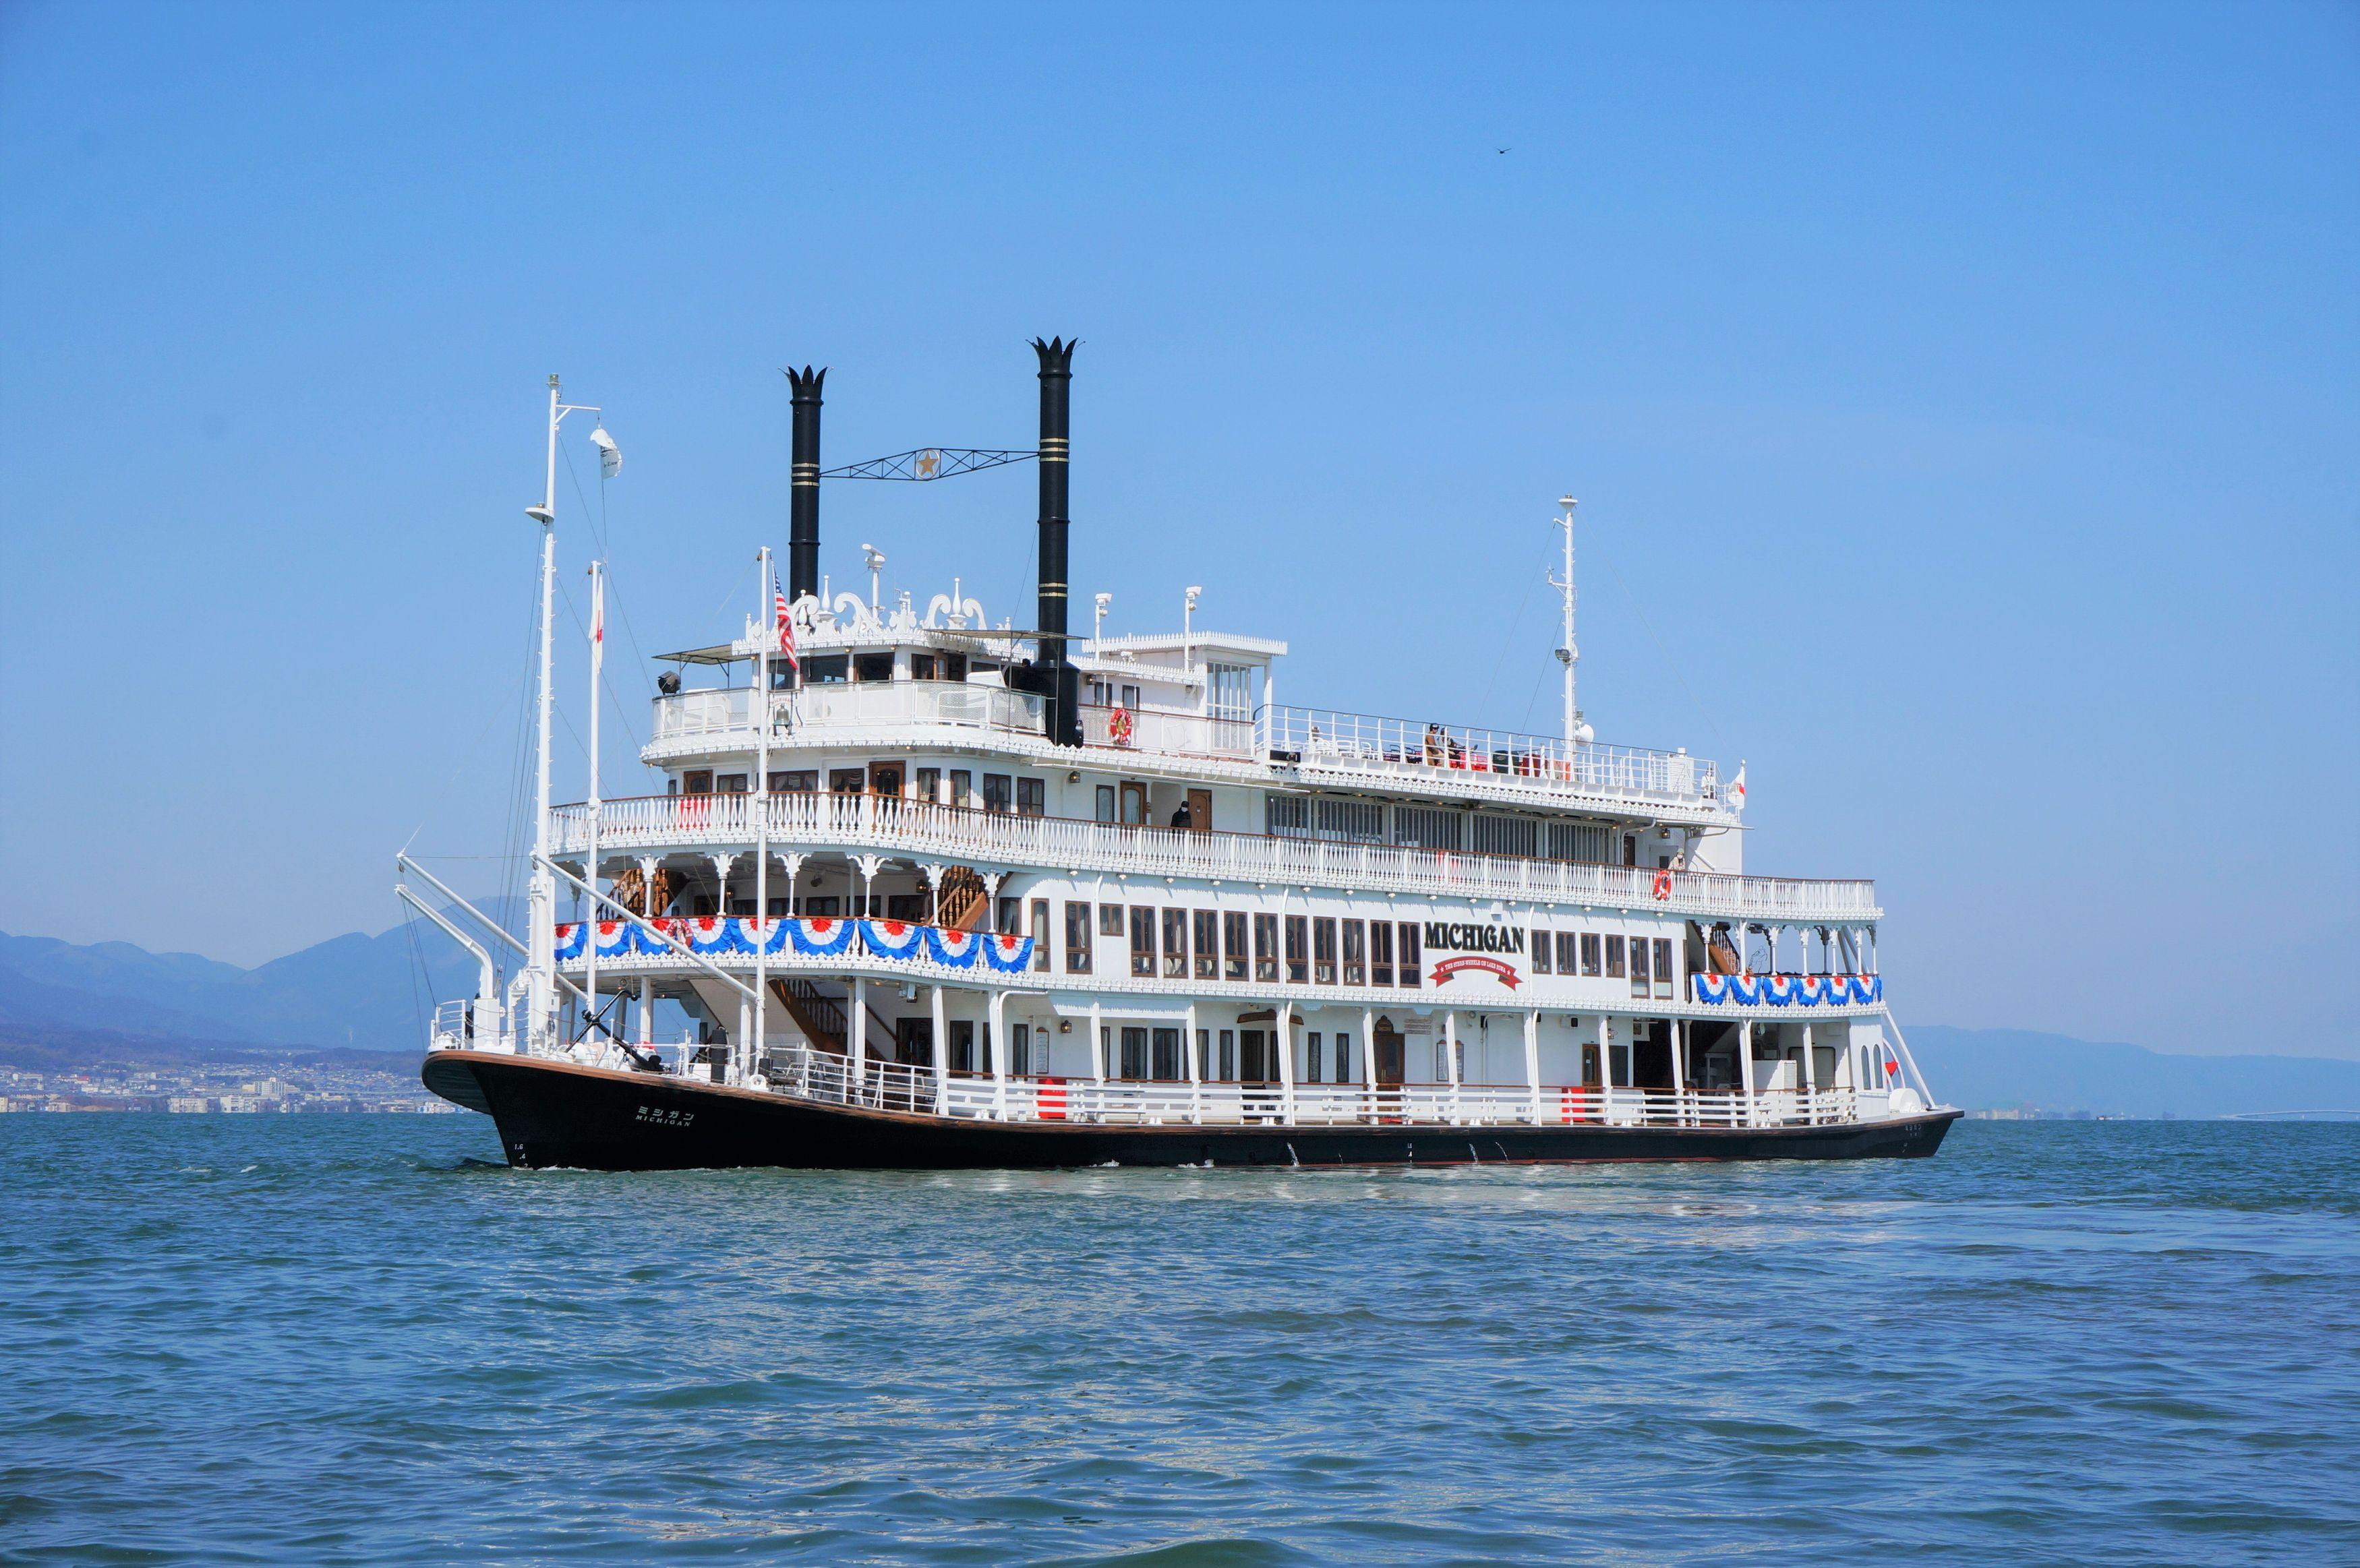 【7/1運航再開】琵琶湖汽船・ミシガンクルーズでびわ湖の景色が満喫できる